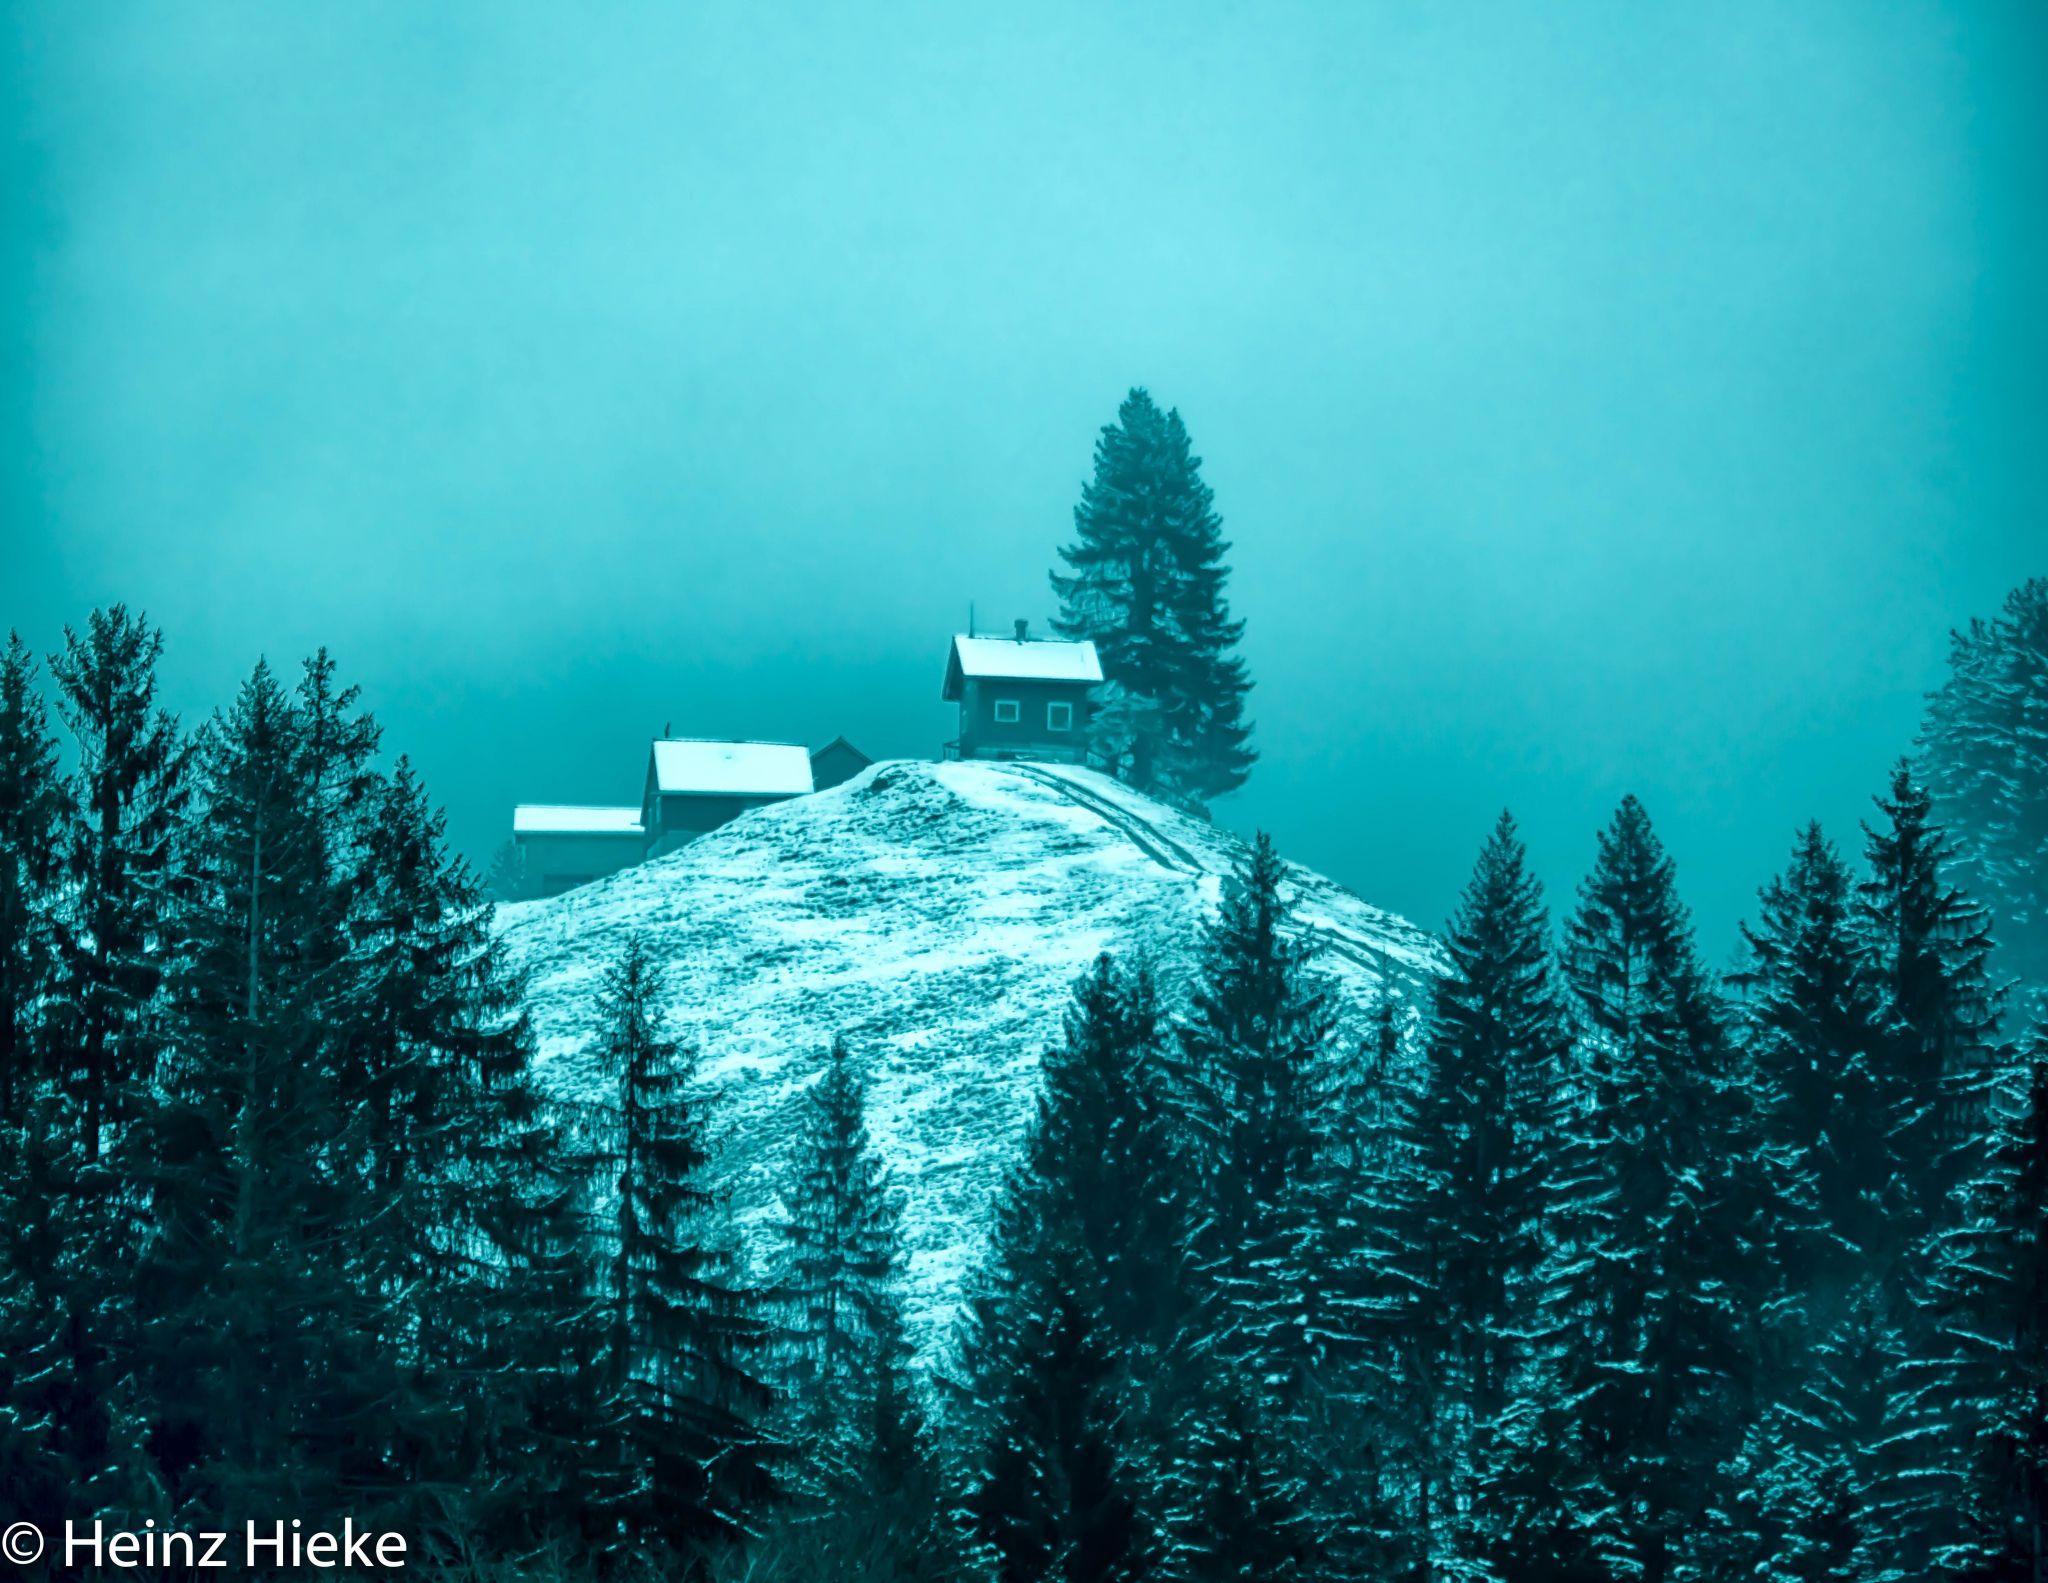 Streuechränzeren, Switzerland